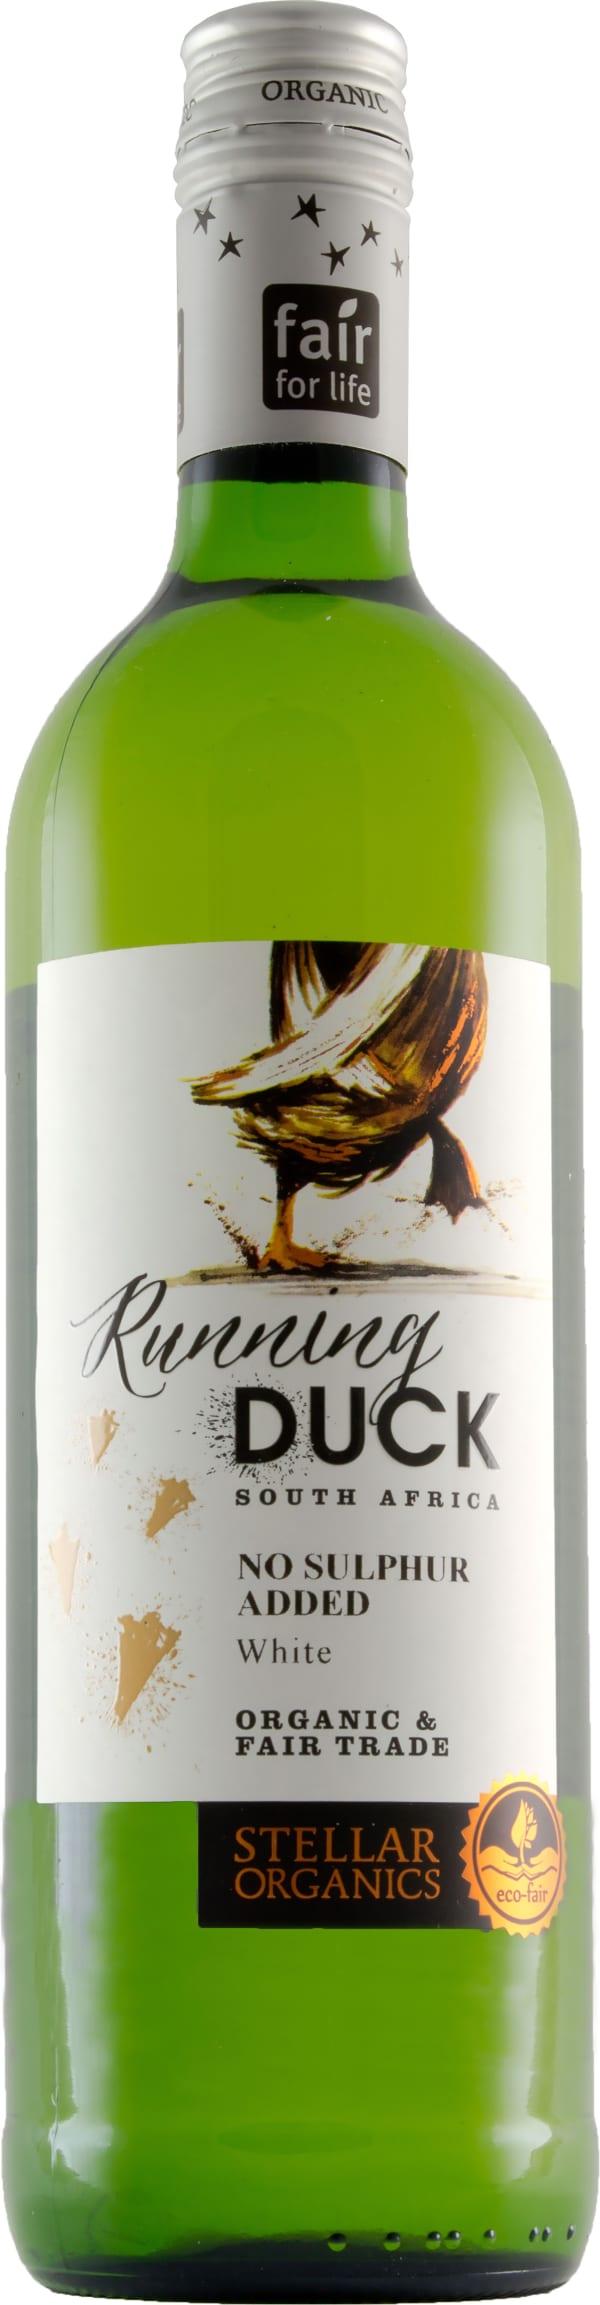 Running Duck White 2019